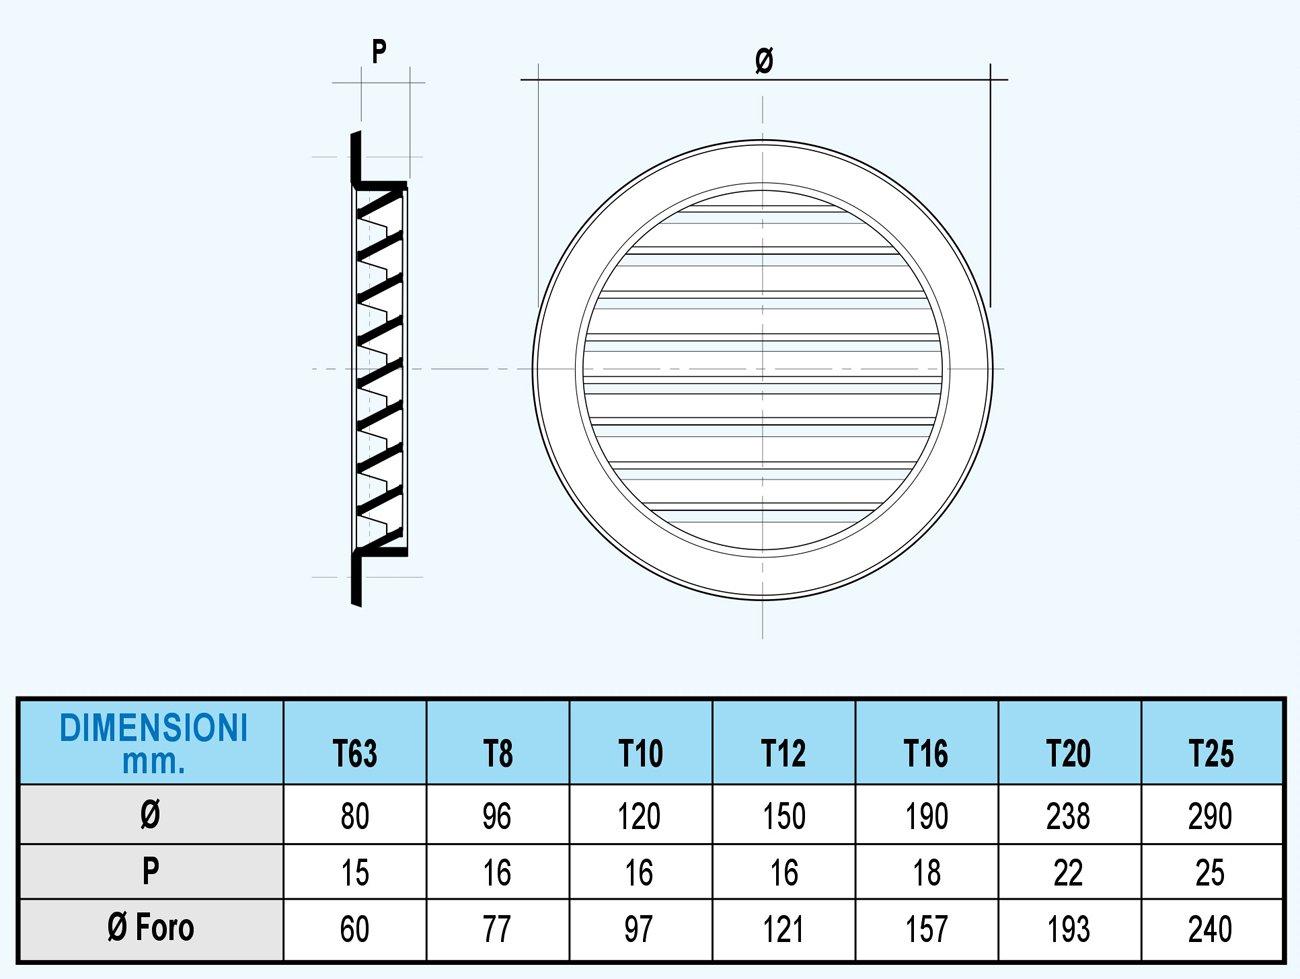 di/ámetro 120/mm La ventilaci/ón t10drb Rejilla de ventilaci/ón de pl/ástico redondo empotrable blanco